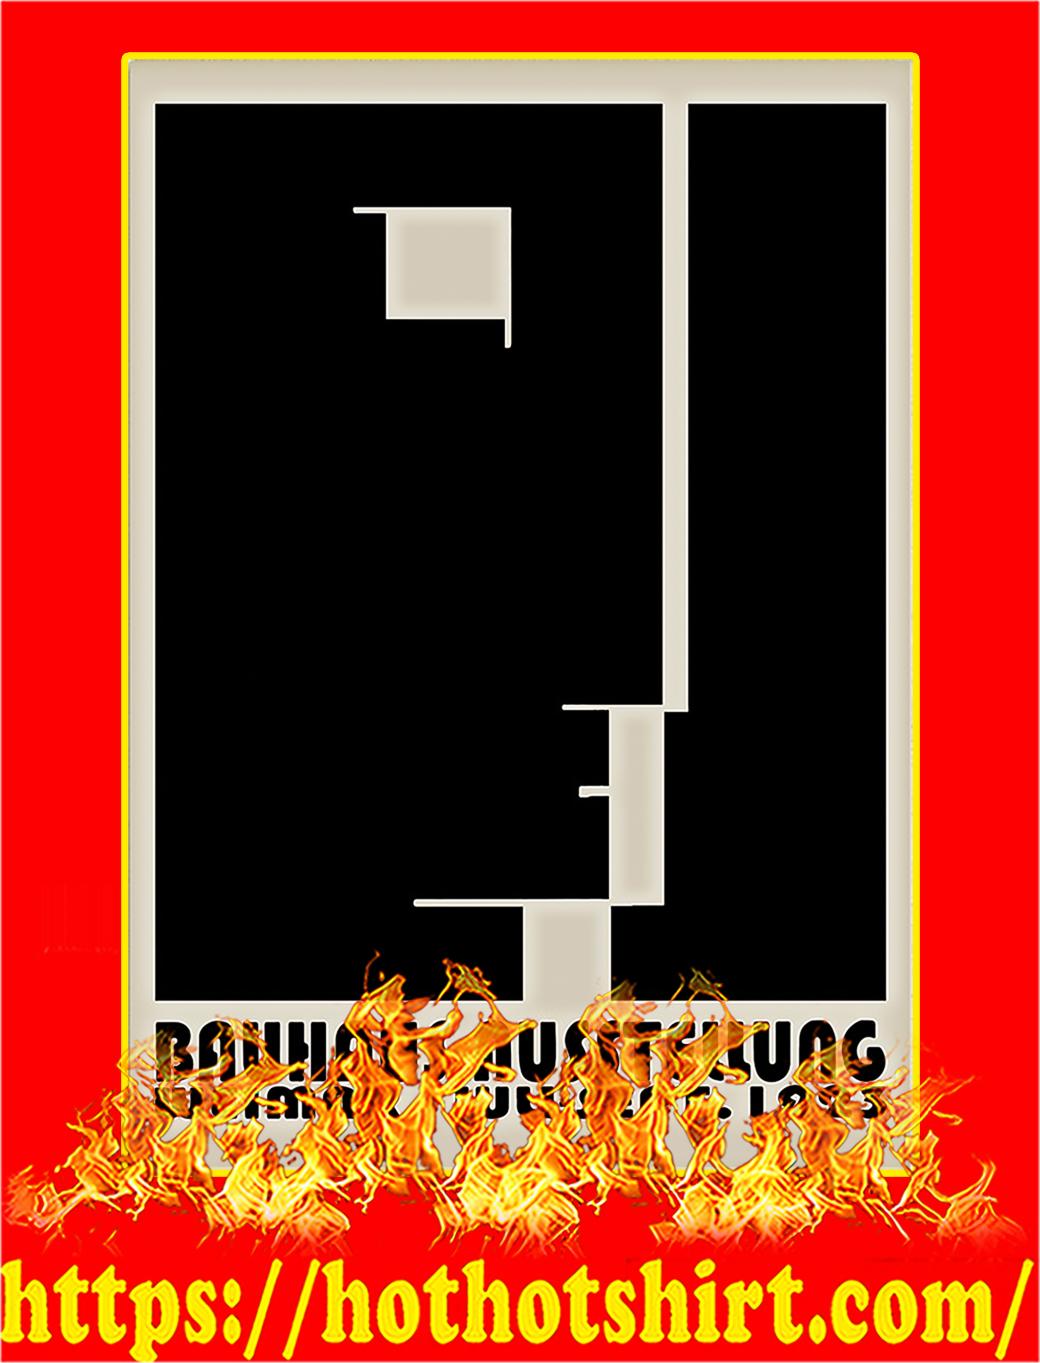 Bauhaus Ausstellung Weimar Juli - Sept 1923 poster - A3